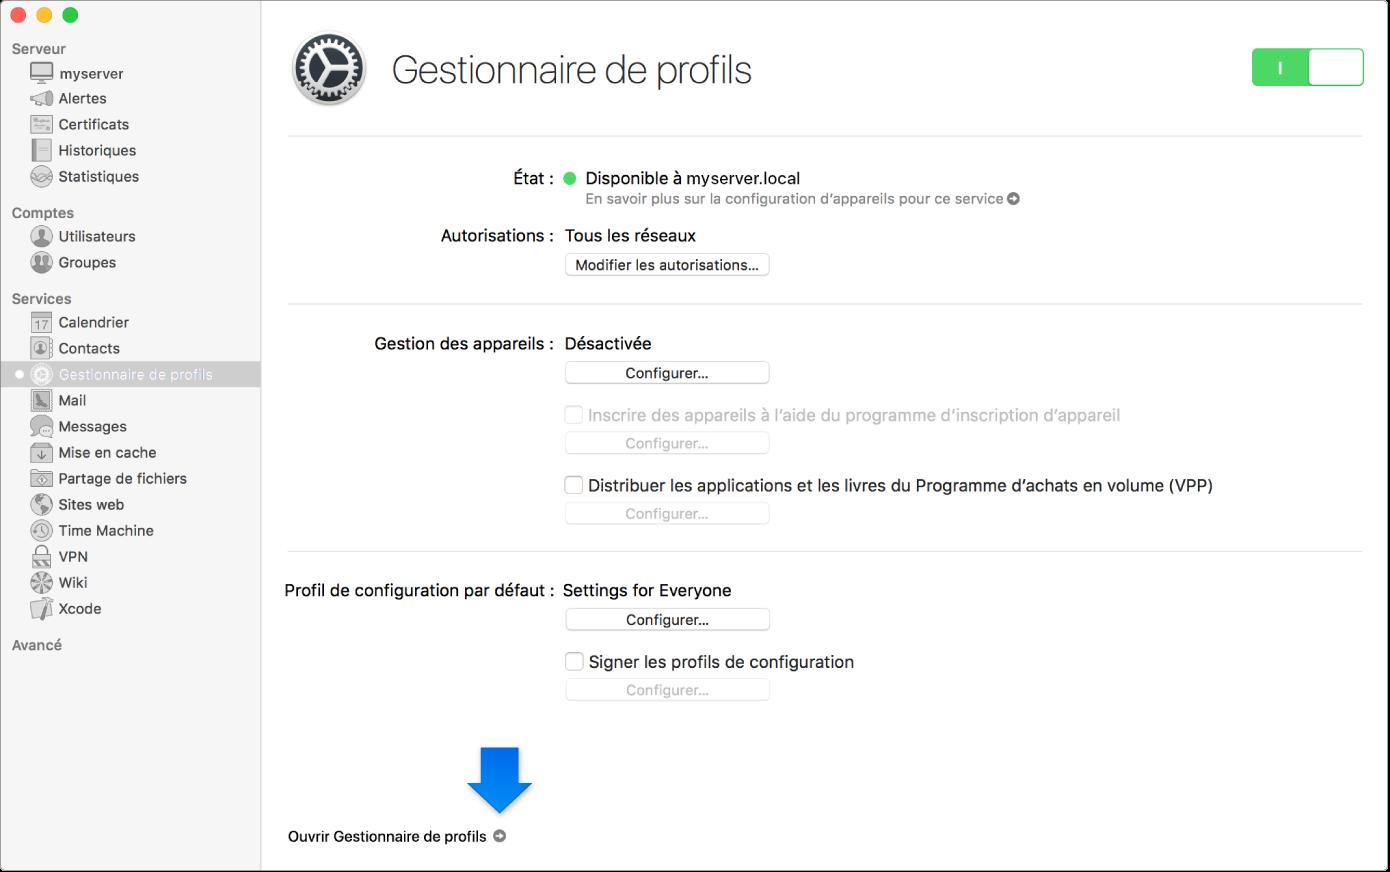 Flèche indiquant le lien vers l'app web Gestionnaire de profils